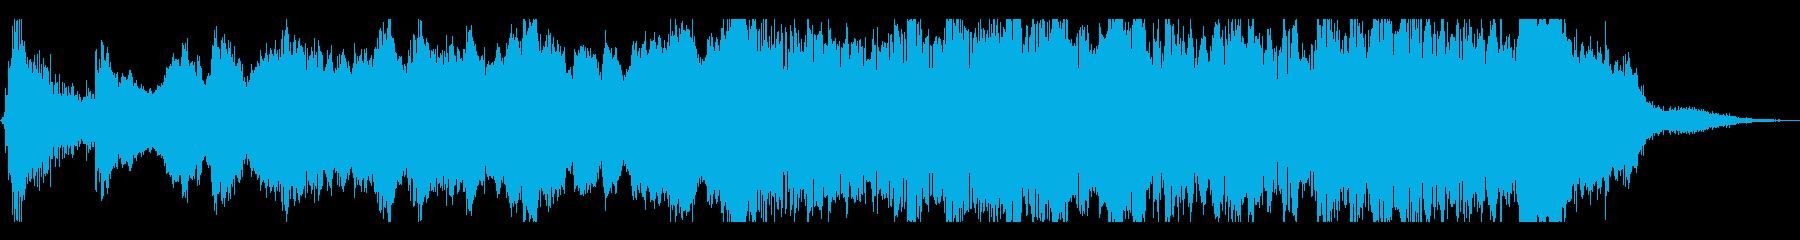 爽やかなアンビエント系BGMの再生済みの波形